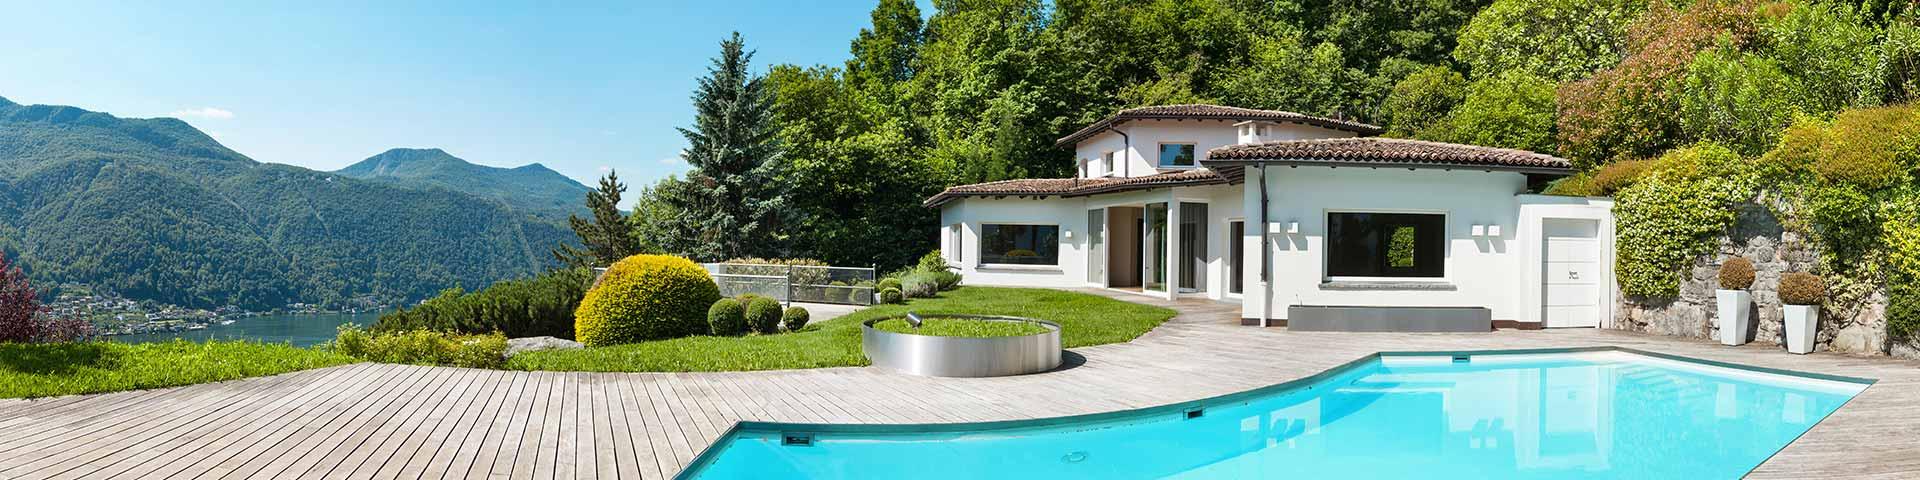 Réservez Votre Villa Ou Maison Pour Vos Vacances pour Location Maison Avec Piscine France